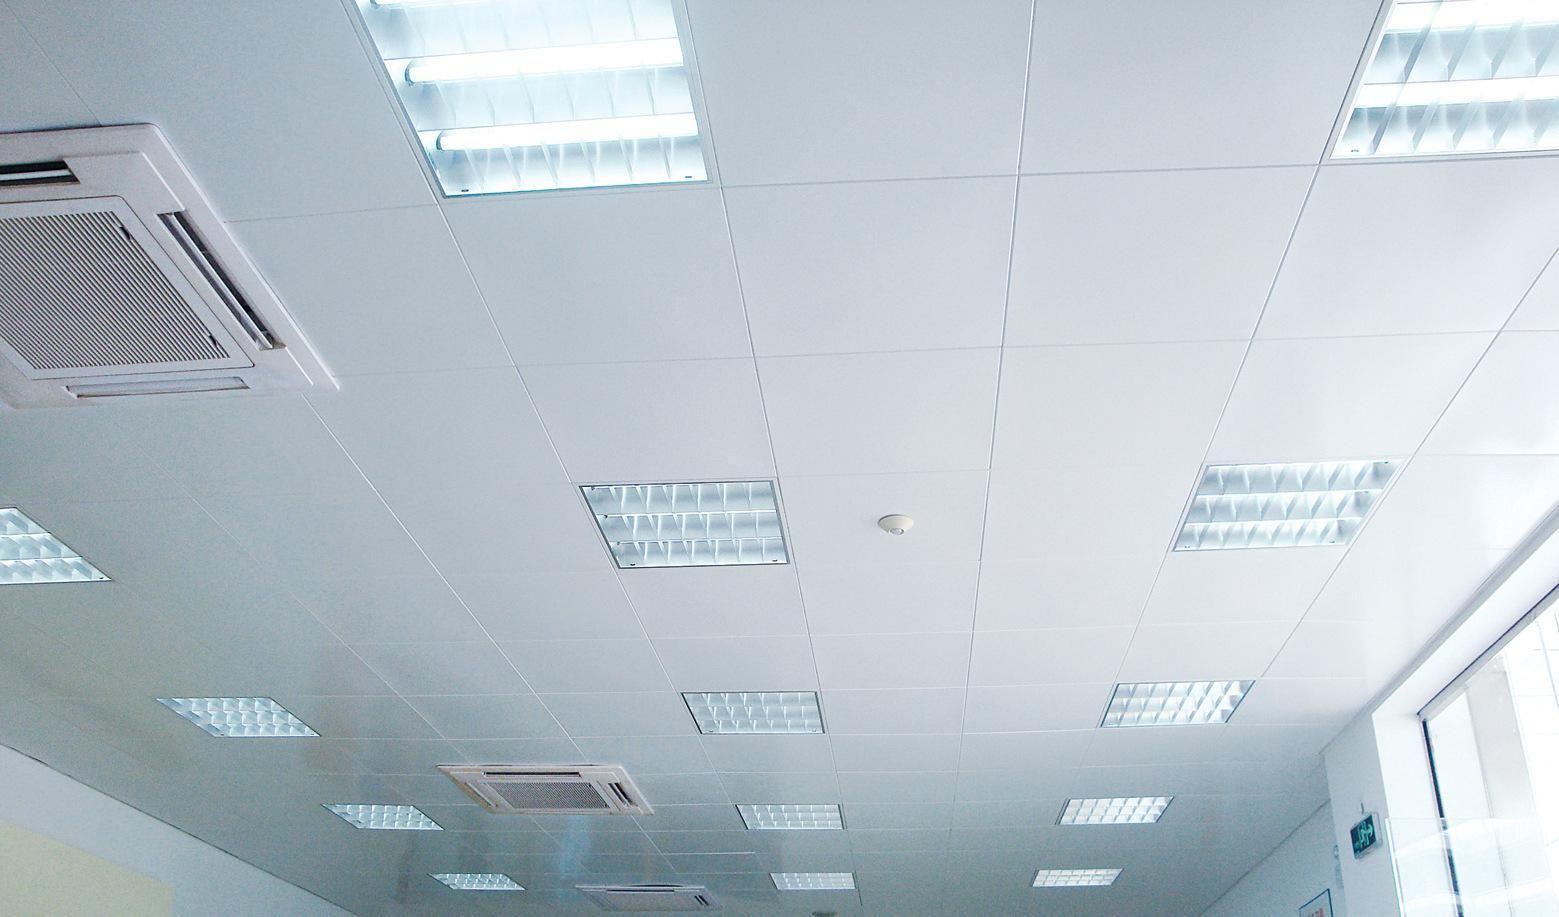 铝质天花板好吗 铝质天花板的优点